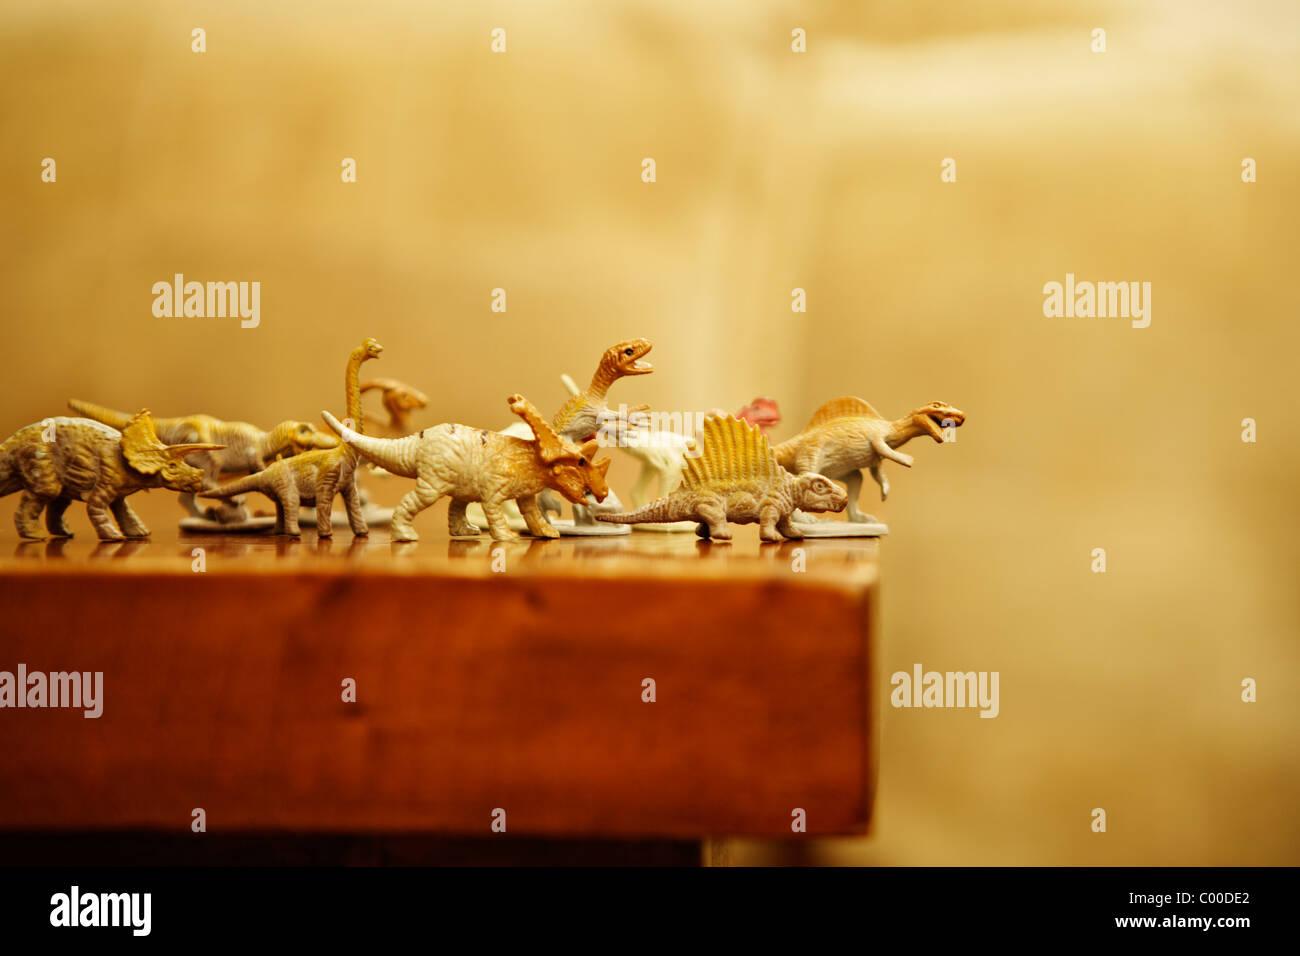 Spielzeug Dinosaurier stürzen sich Tischkante Stockfoto